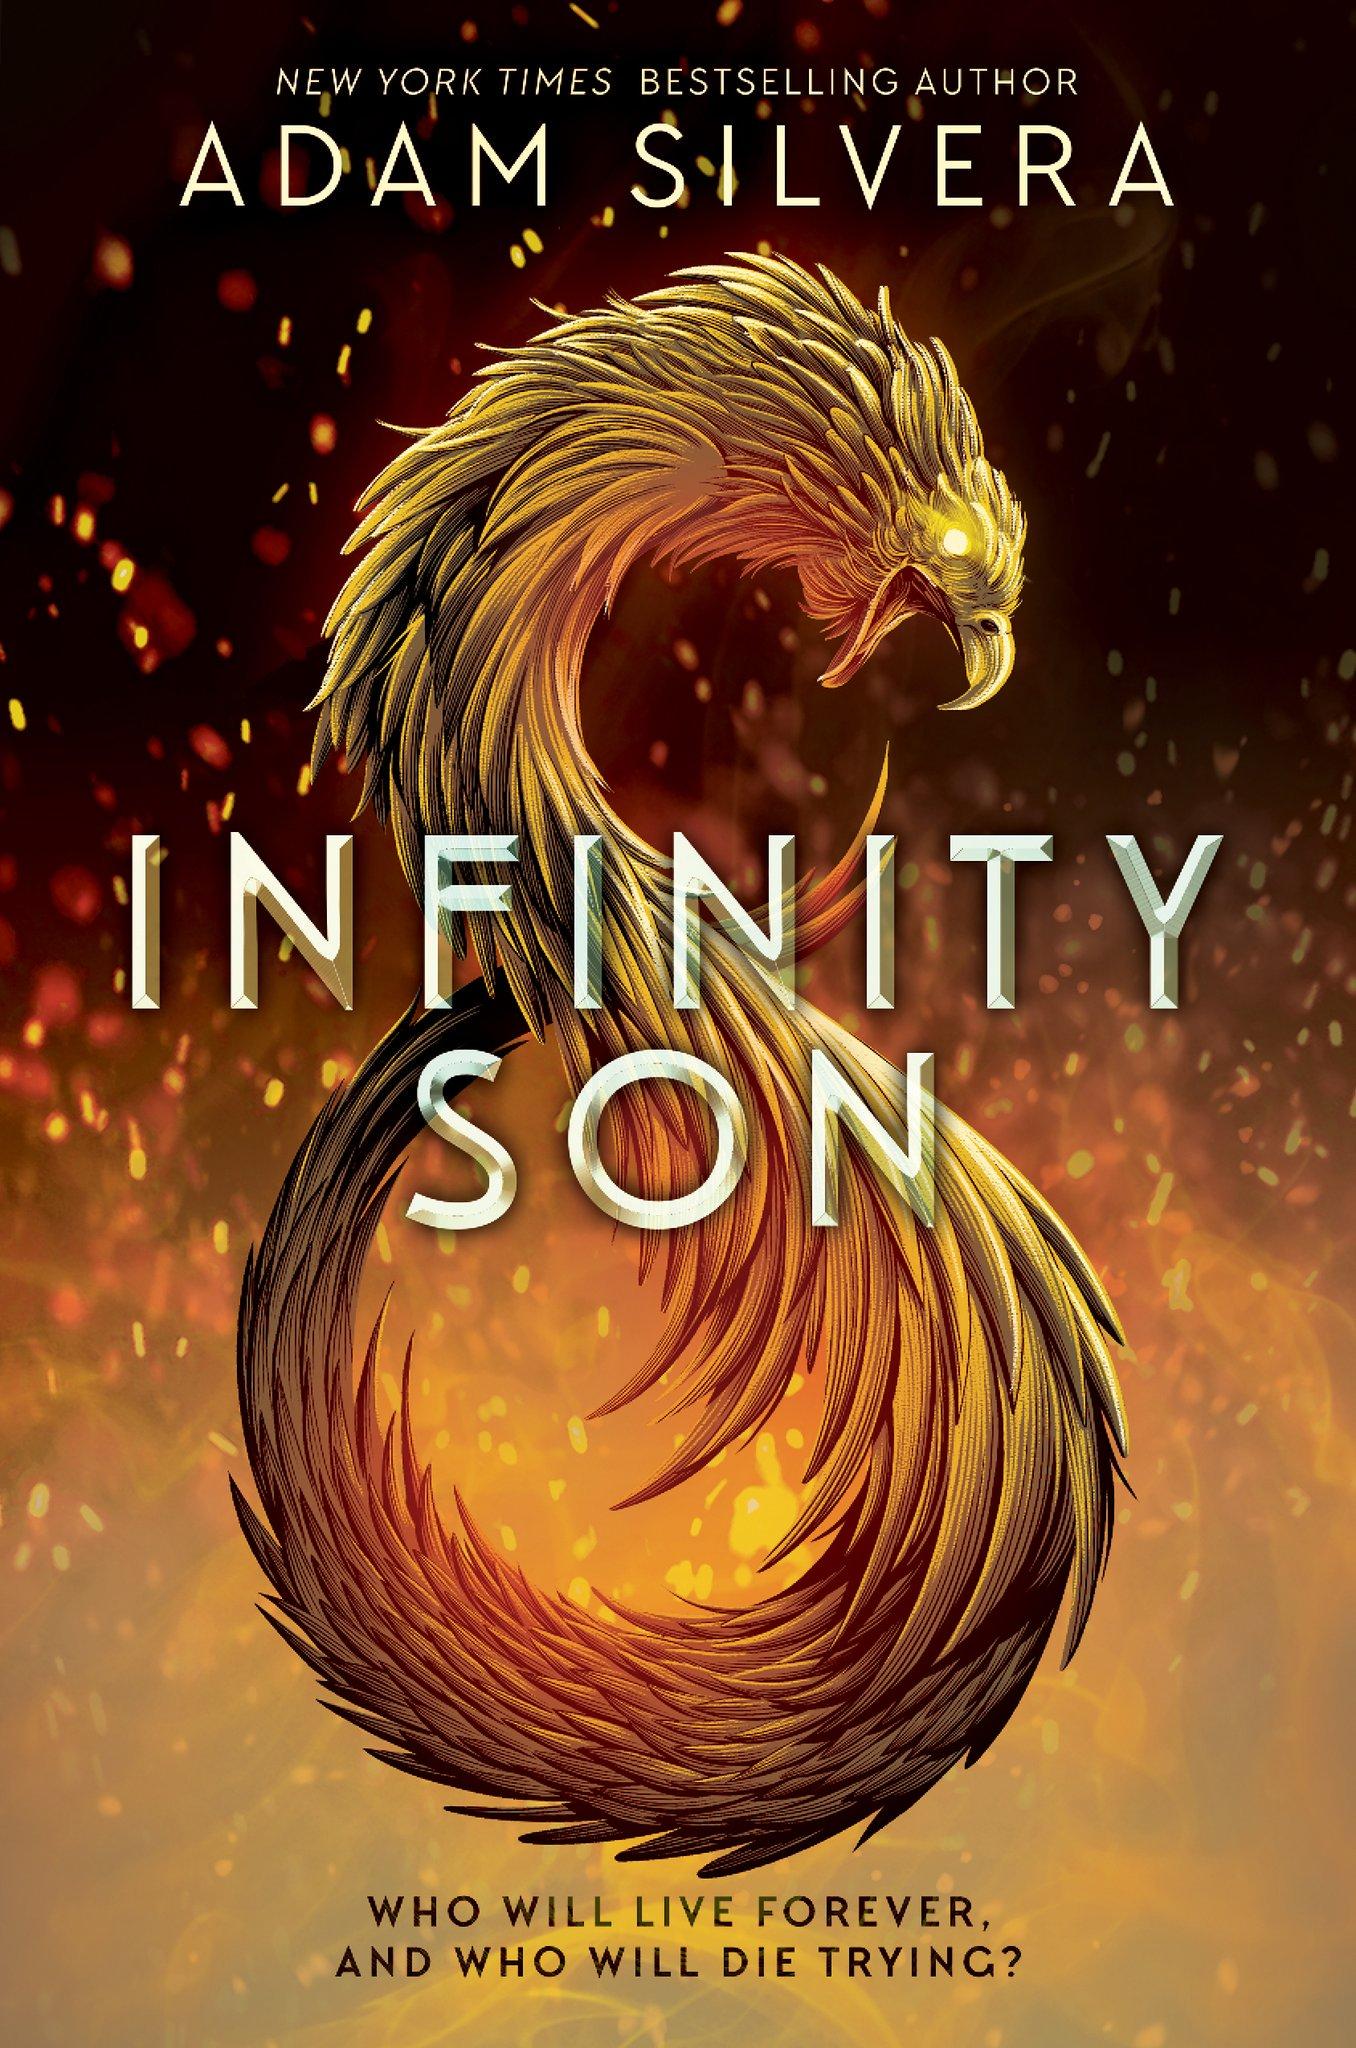 'Infinity